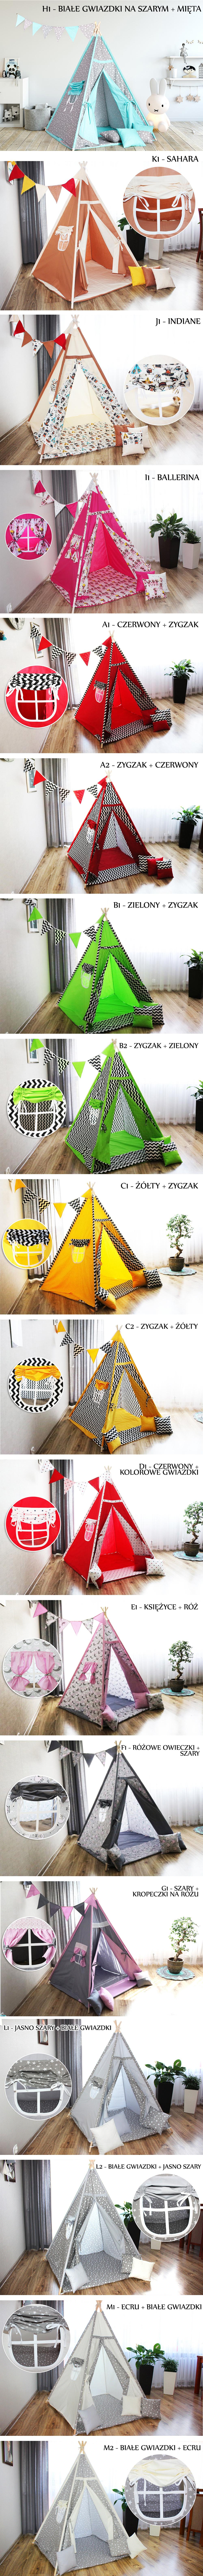 Wzory namiotów Tipi